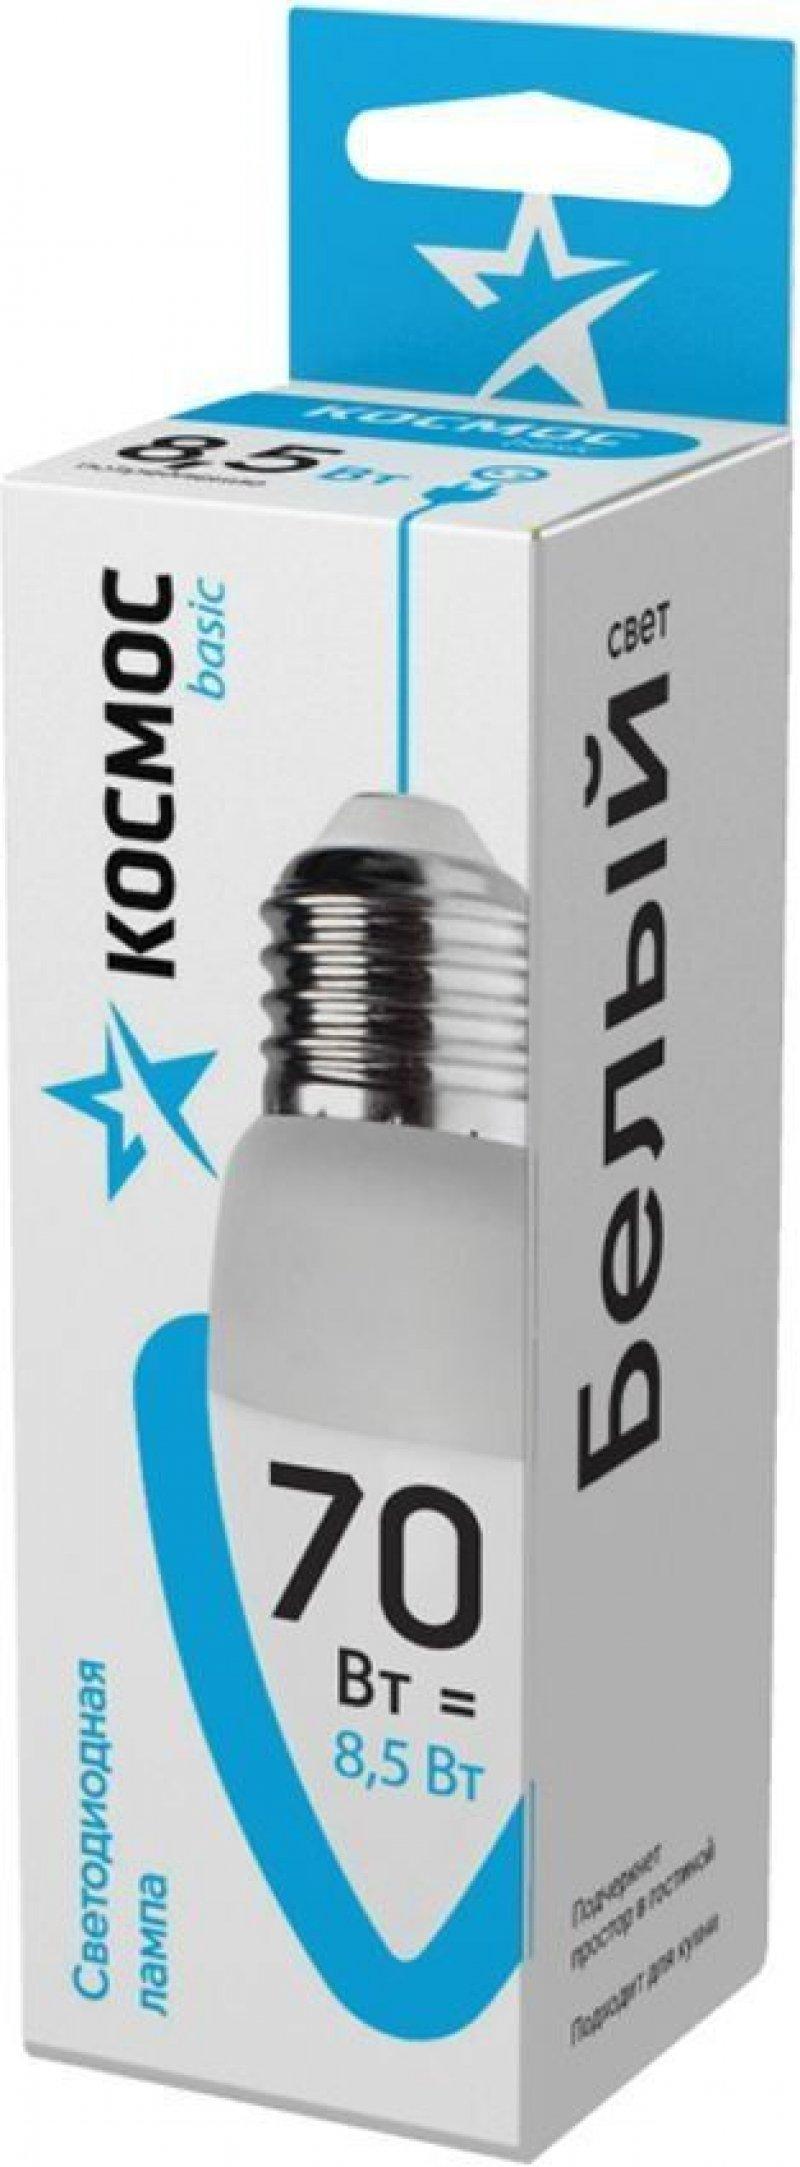 Лампа светодиодная Космос Led 8,5w Е14 70Вт свеча холодный белый